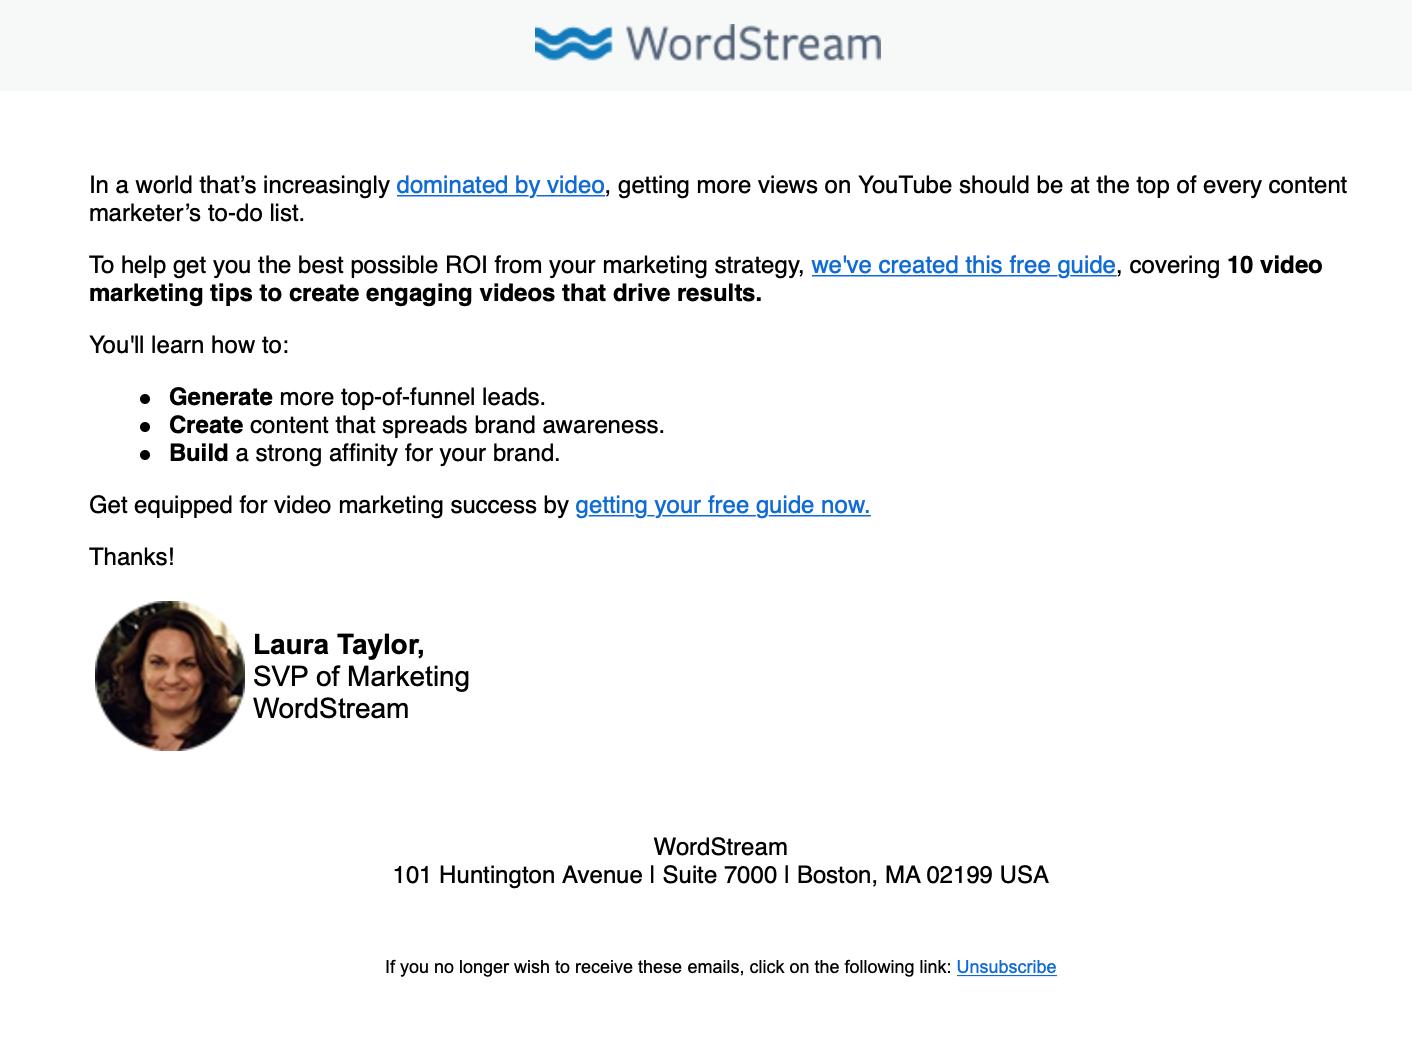 كيفية كتابة رسائل البريد الإلكتروني الترويجية ، مثال بريد إلكتروني ترويجي ، تفكيك النص